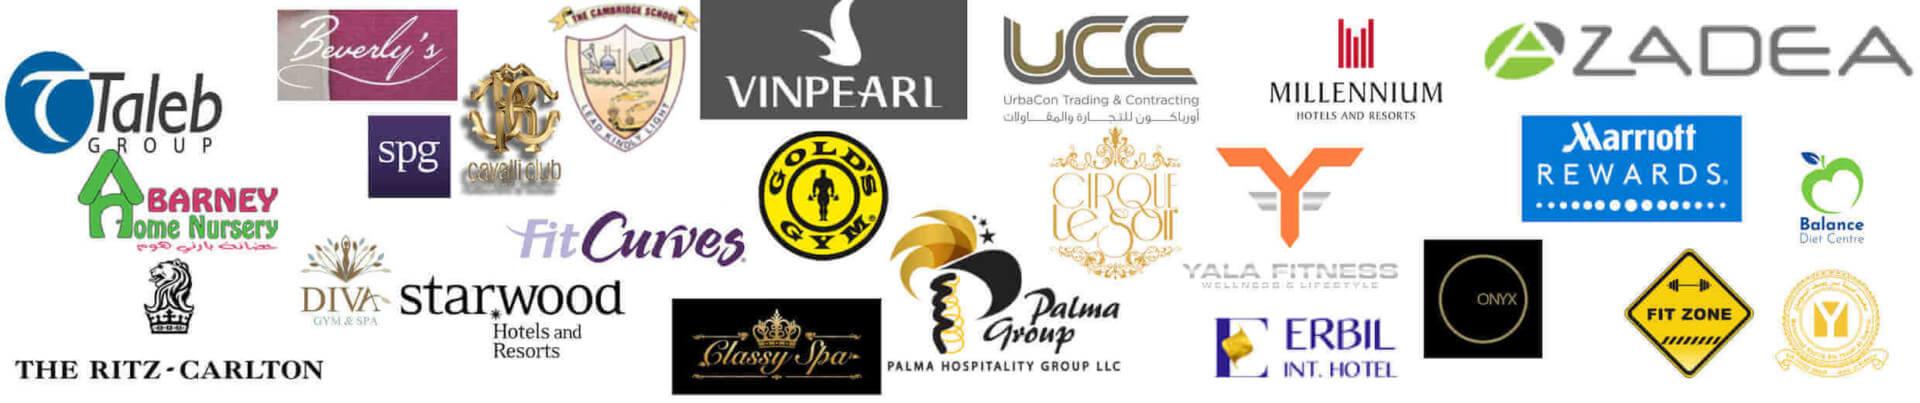 imageJobAurora сотрудничает с ведущими компаниями Катара, ОАЭ , Омана и других стран Персидского залива и Азии